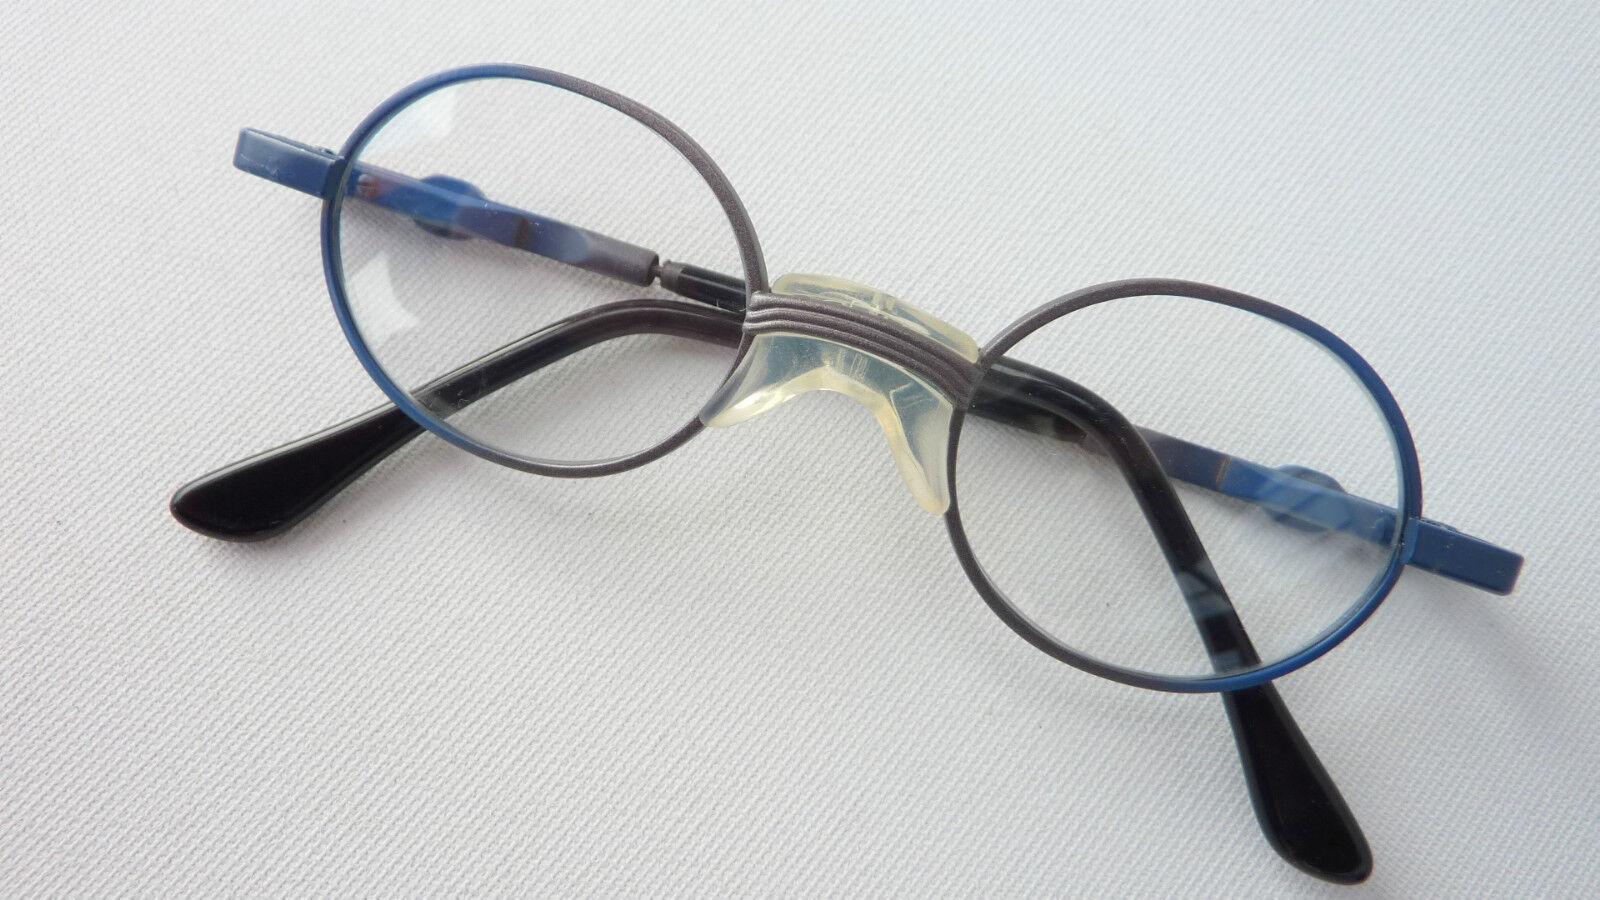 Babybrille Brillen Kleinkind Sattelsteg stabil blau rund sehr klein 37()15 Gr.xs